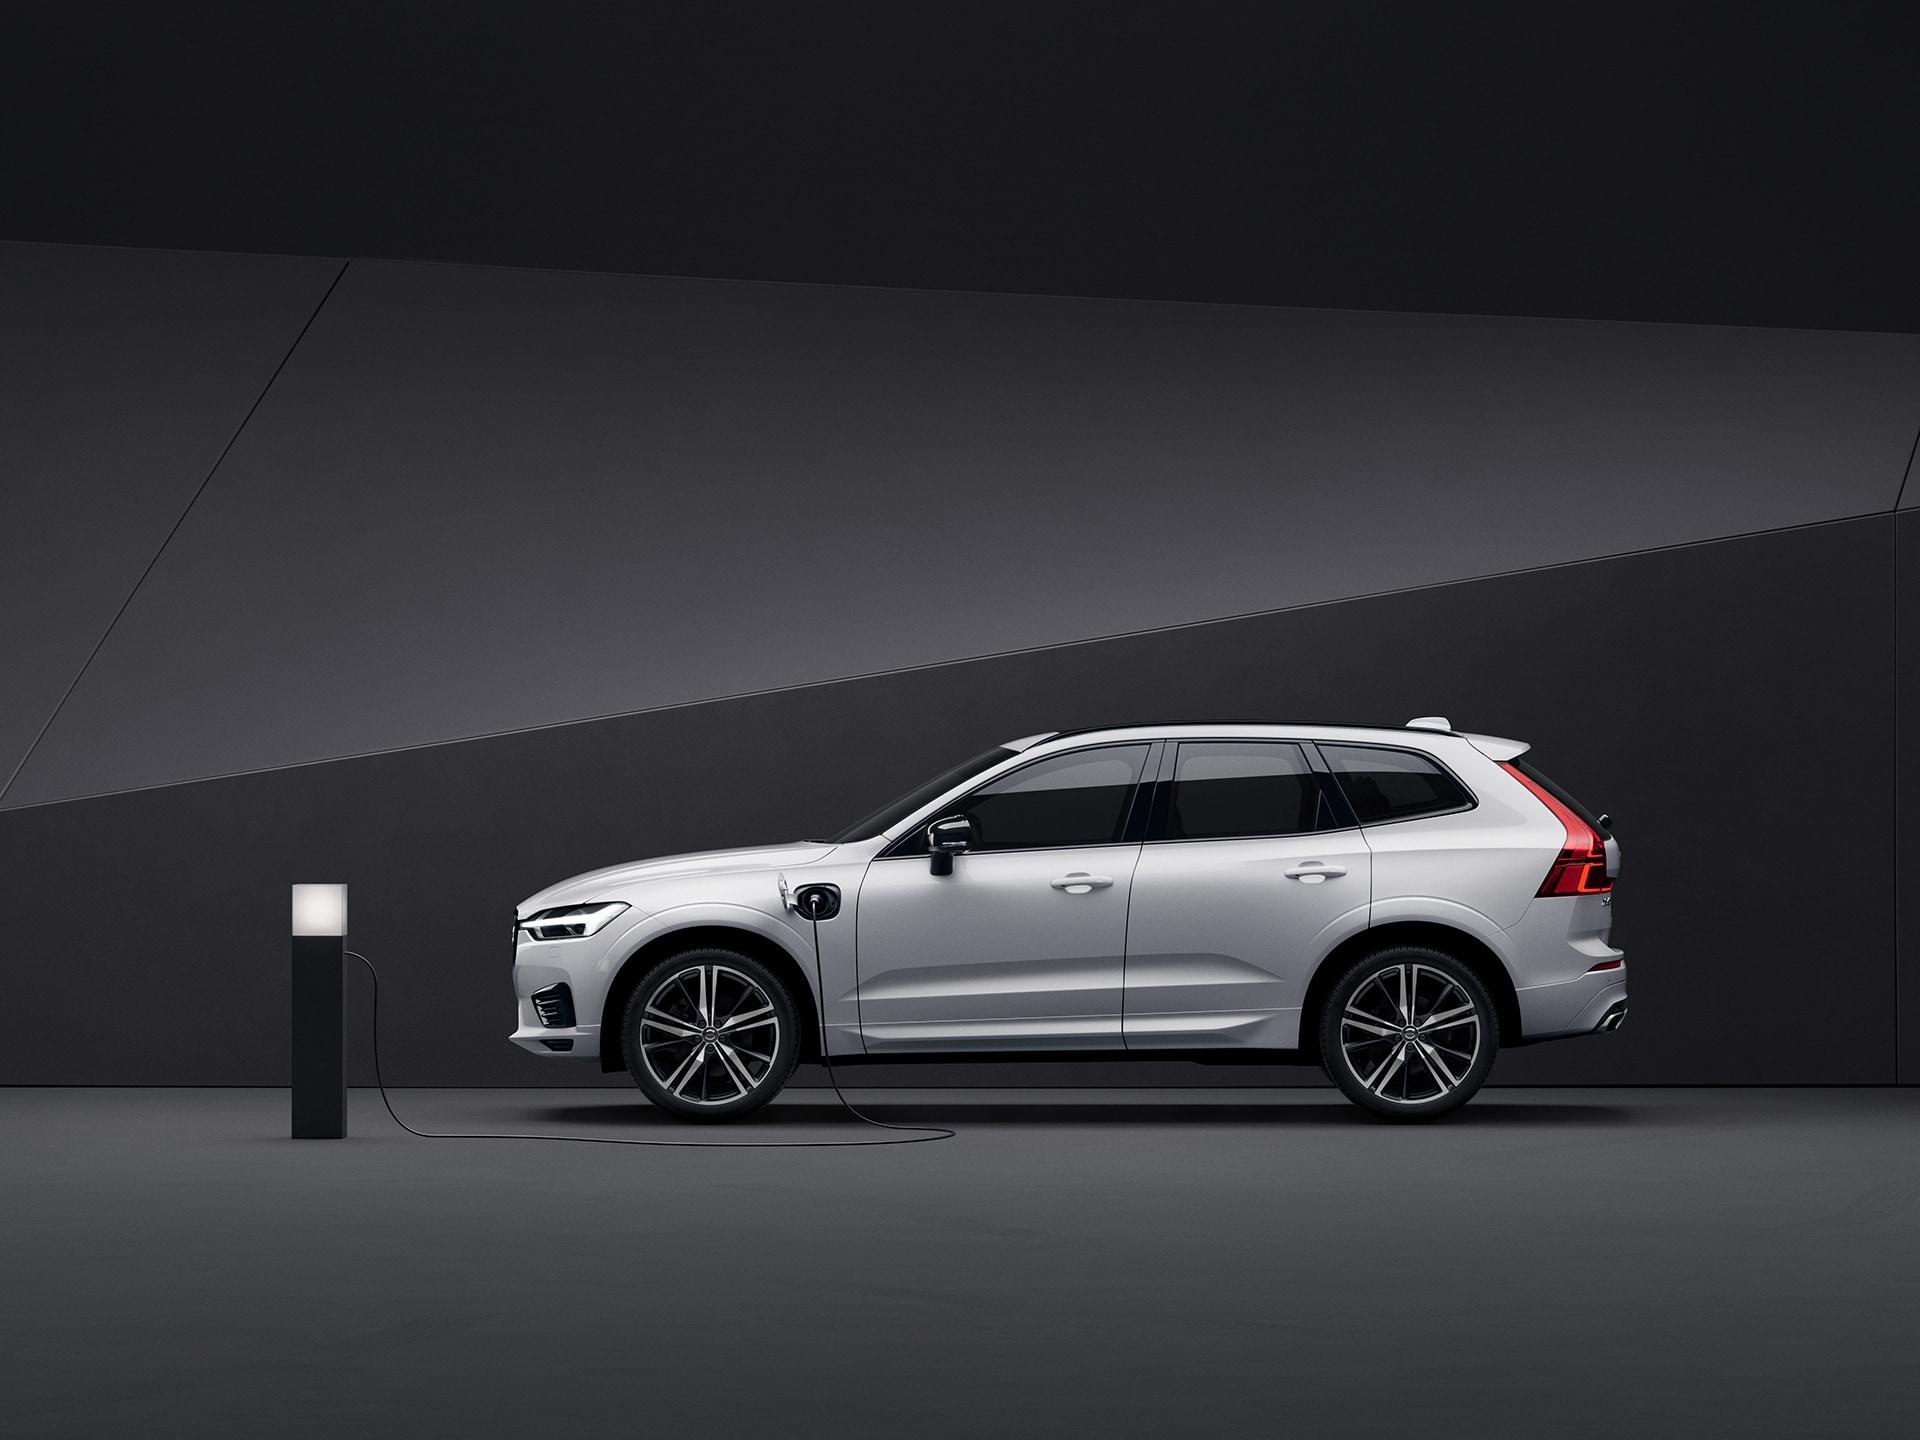 Ein weisser Volvo XC60 Recharge wird in einer schwarzen Umgebung aufgeladen